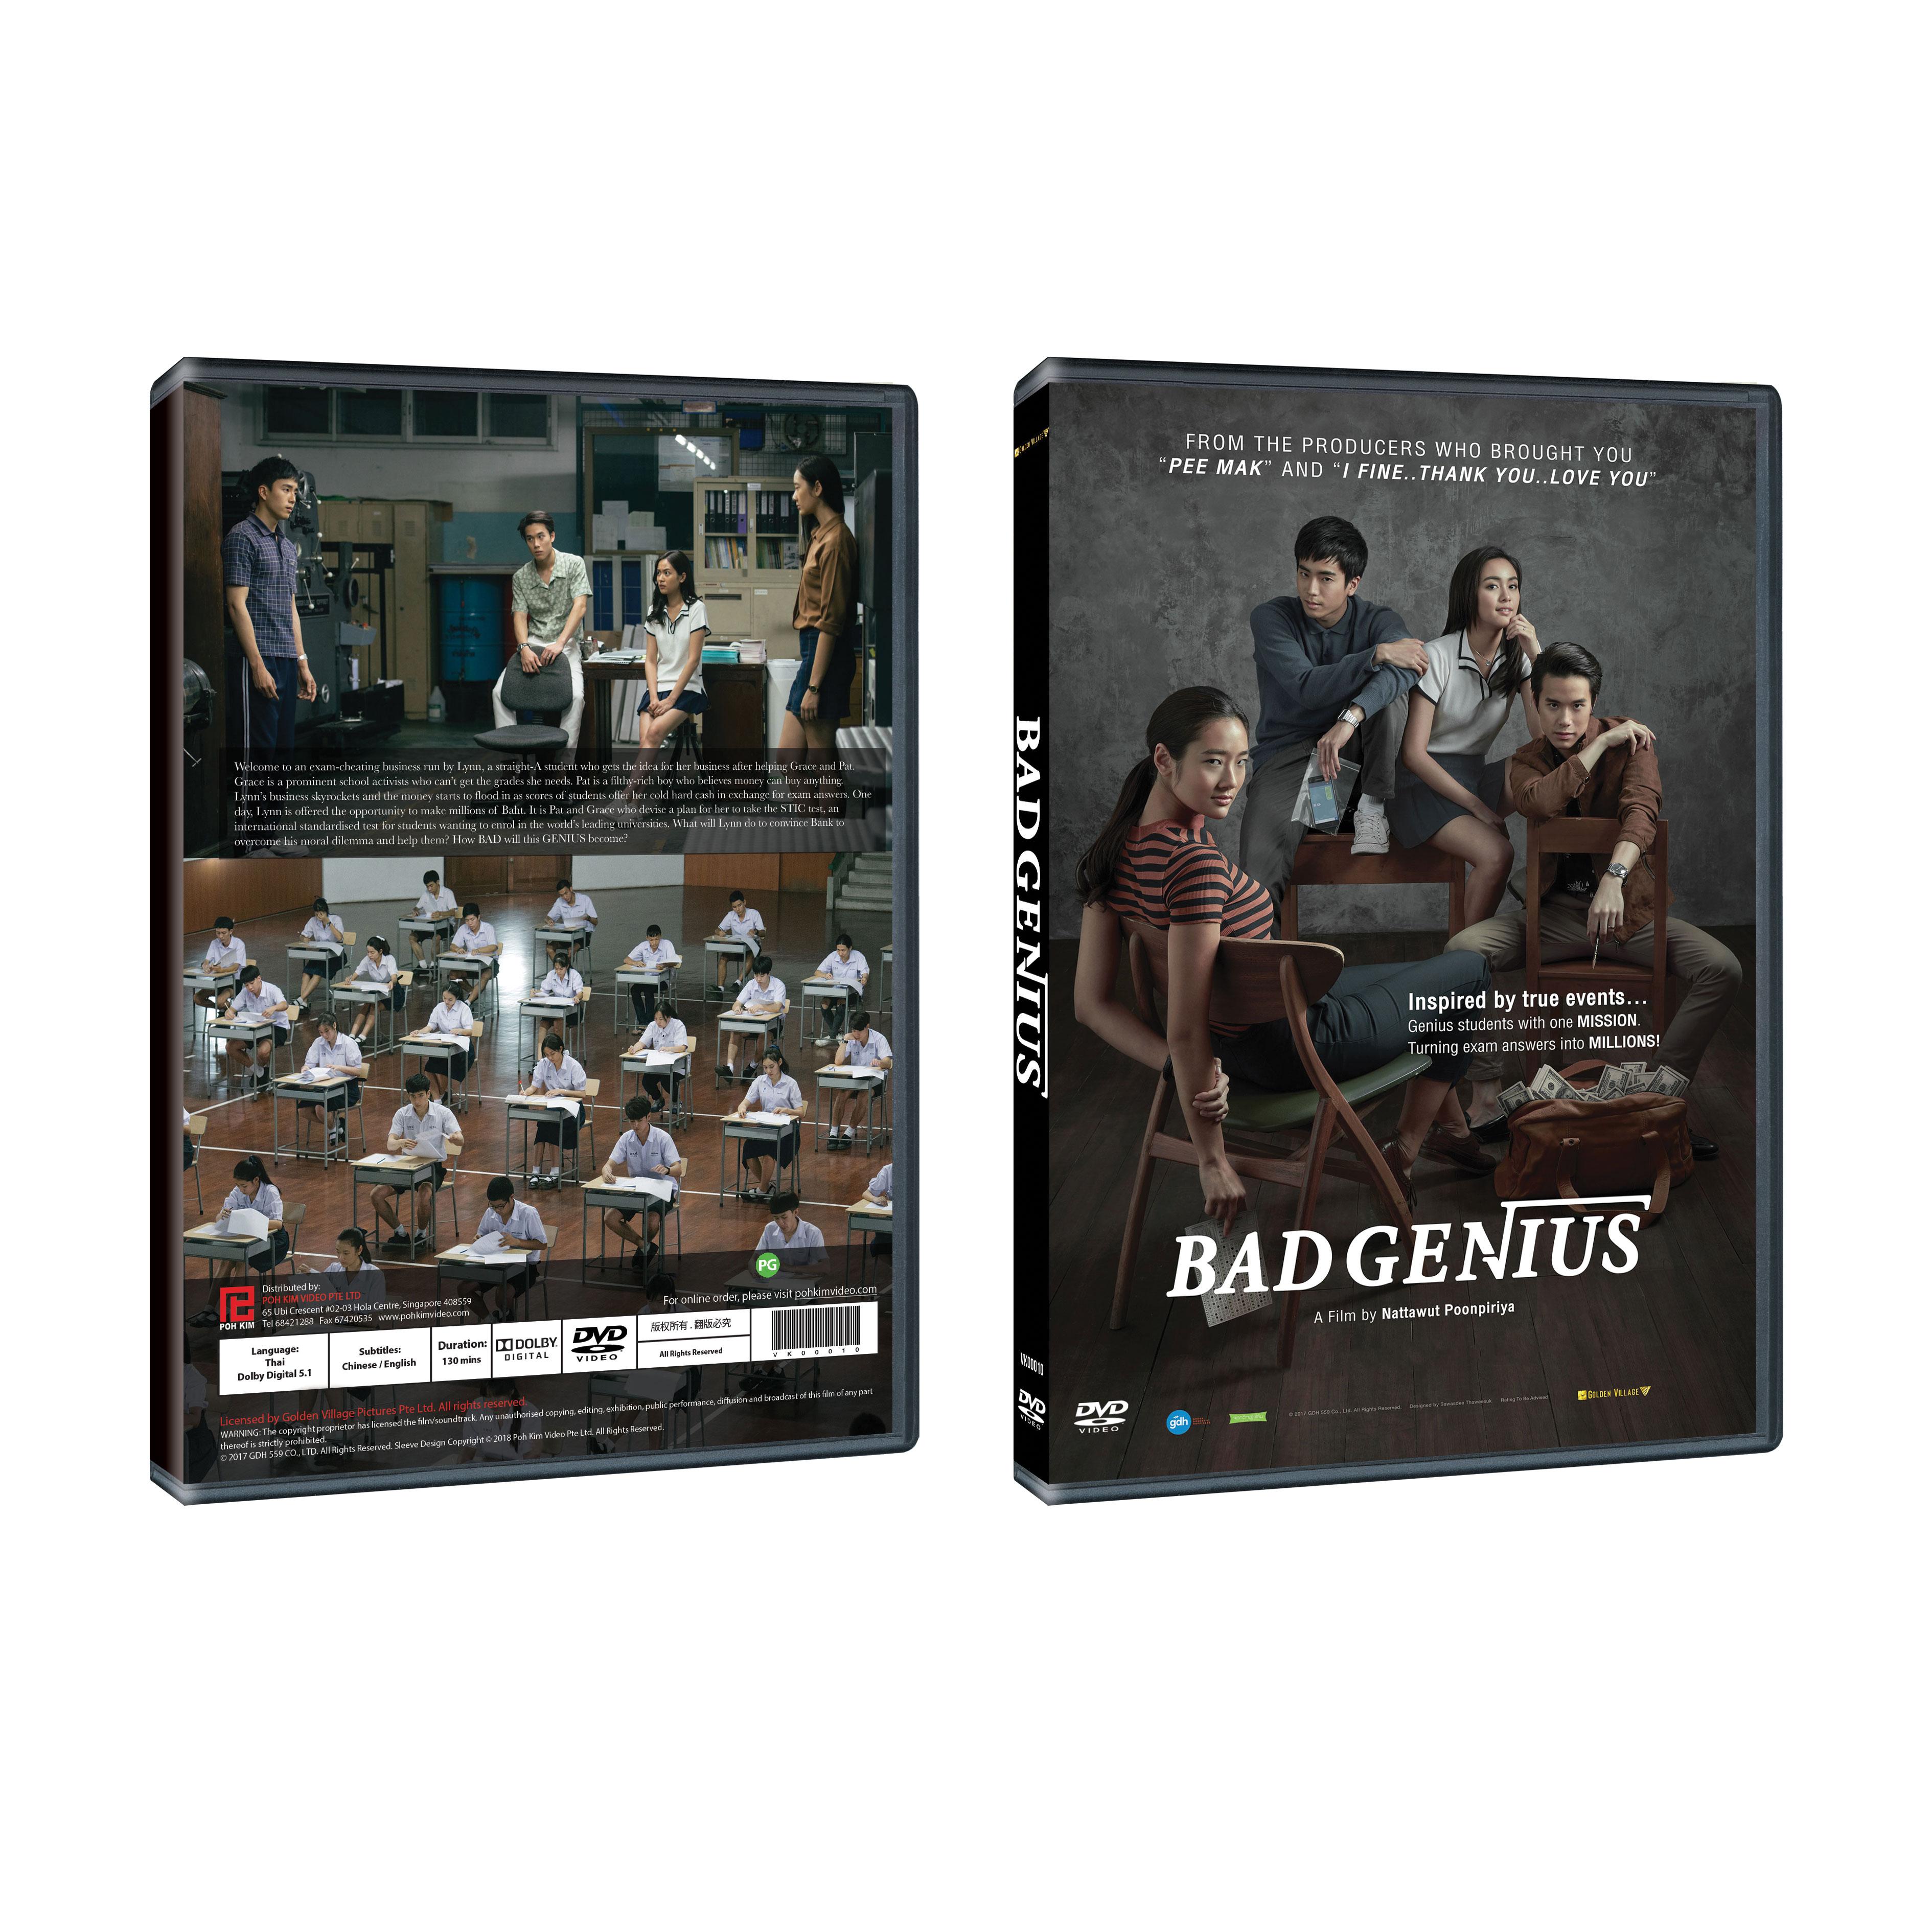 Bad Genius (DVD)